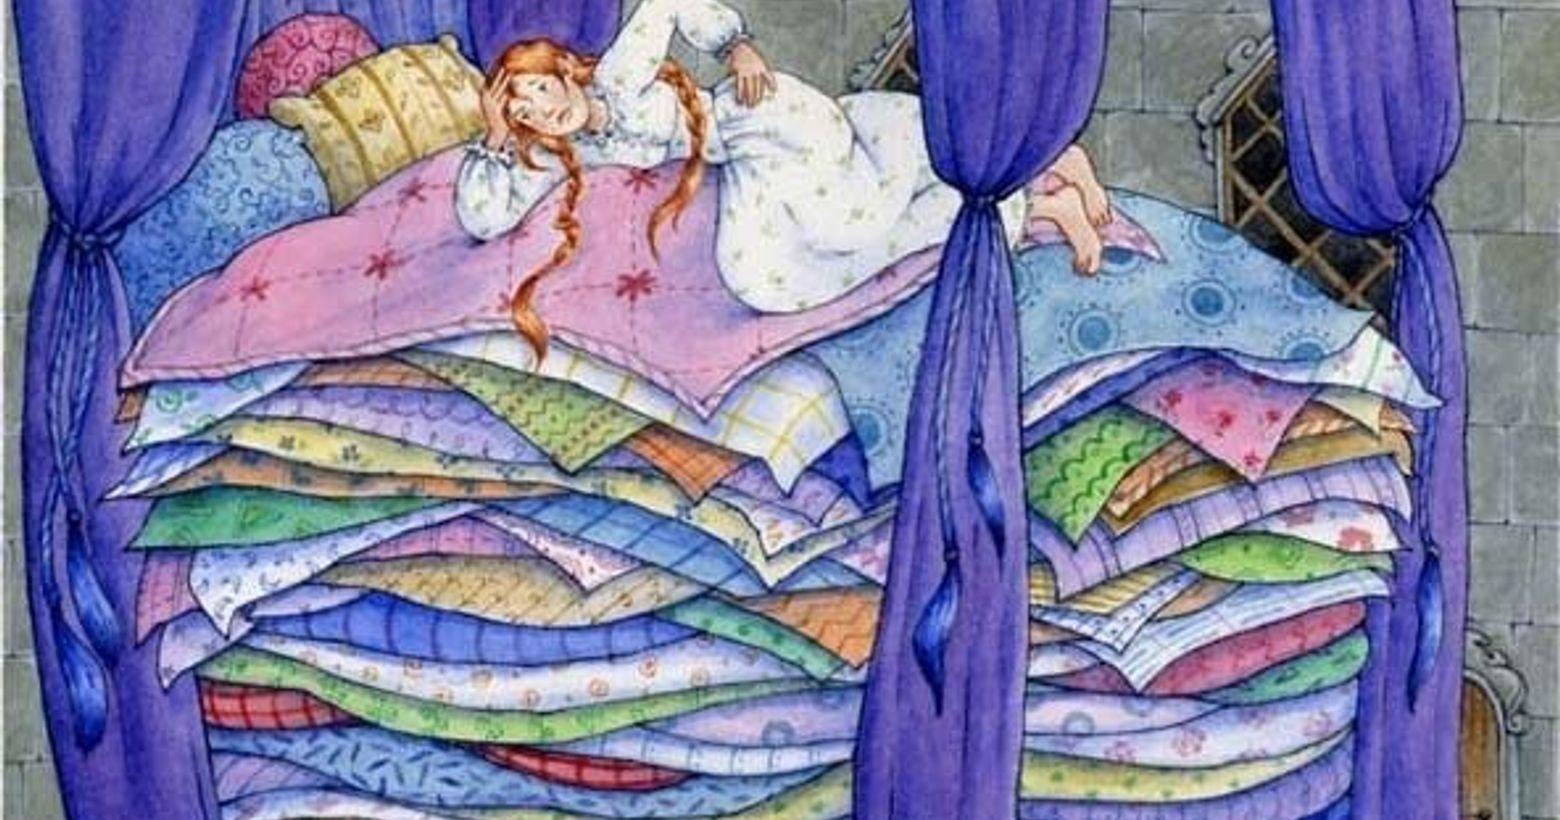 【露絲小姐笑鬧日常—欸妳像哪個公主篇】某晚睡前,我一直翻來覆去,想找到最好入眠的位置和姿勢。還意外在